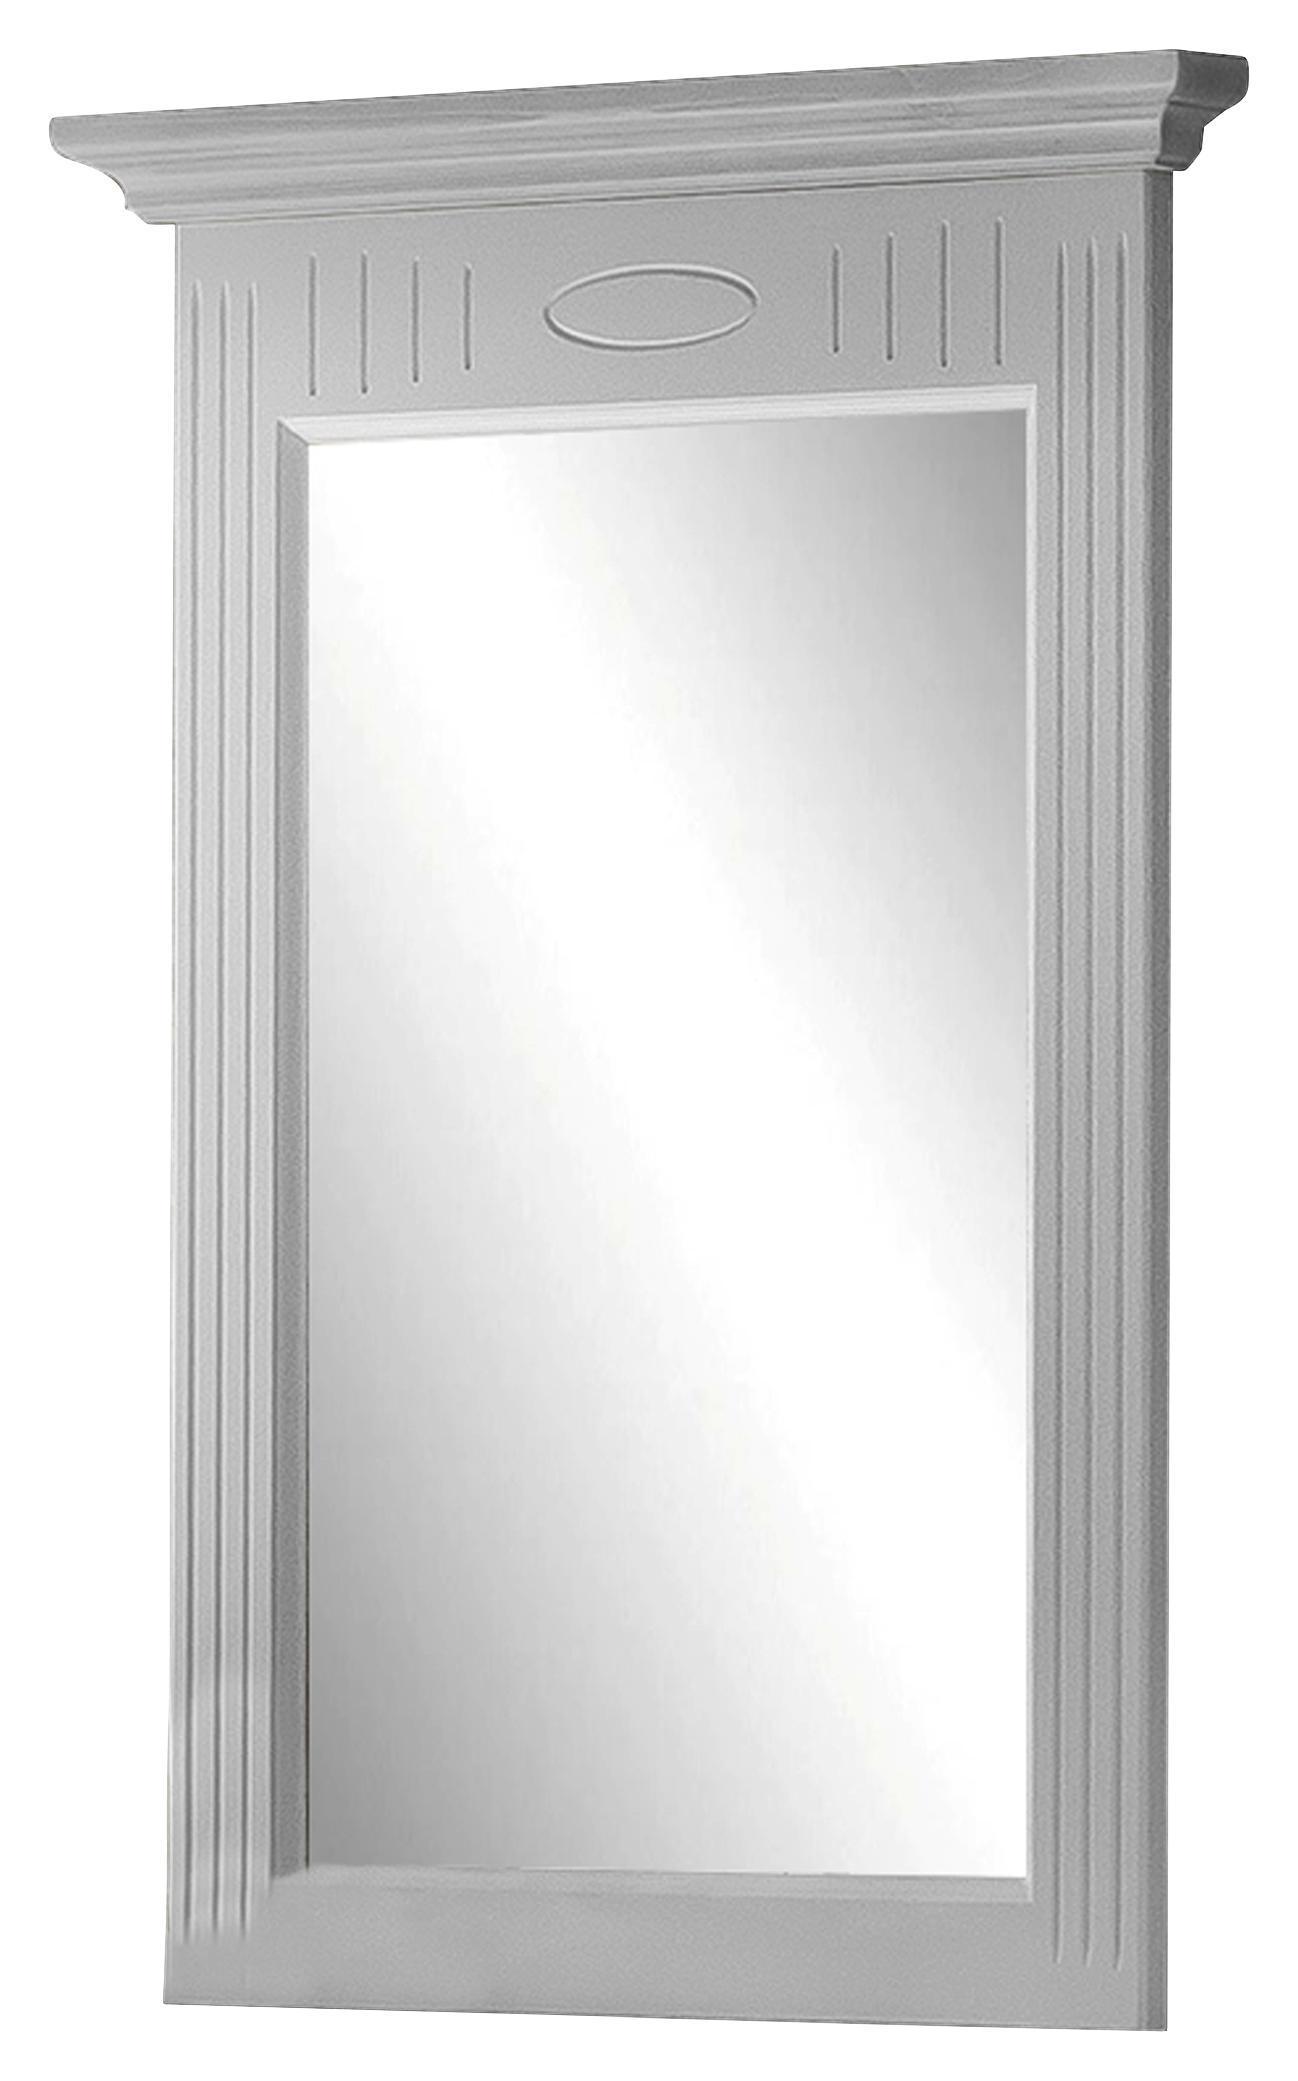 PE Platte Weiß 33,7 x 33,7 mm Ø 4mm mit abgerundeten Ecken